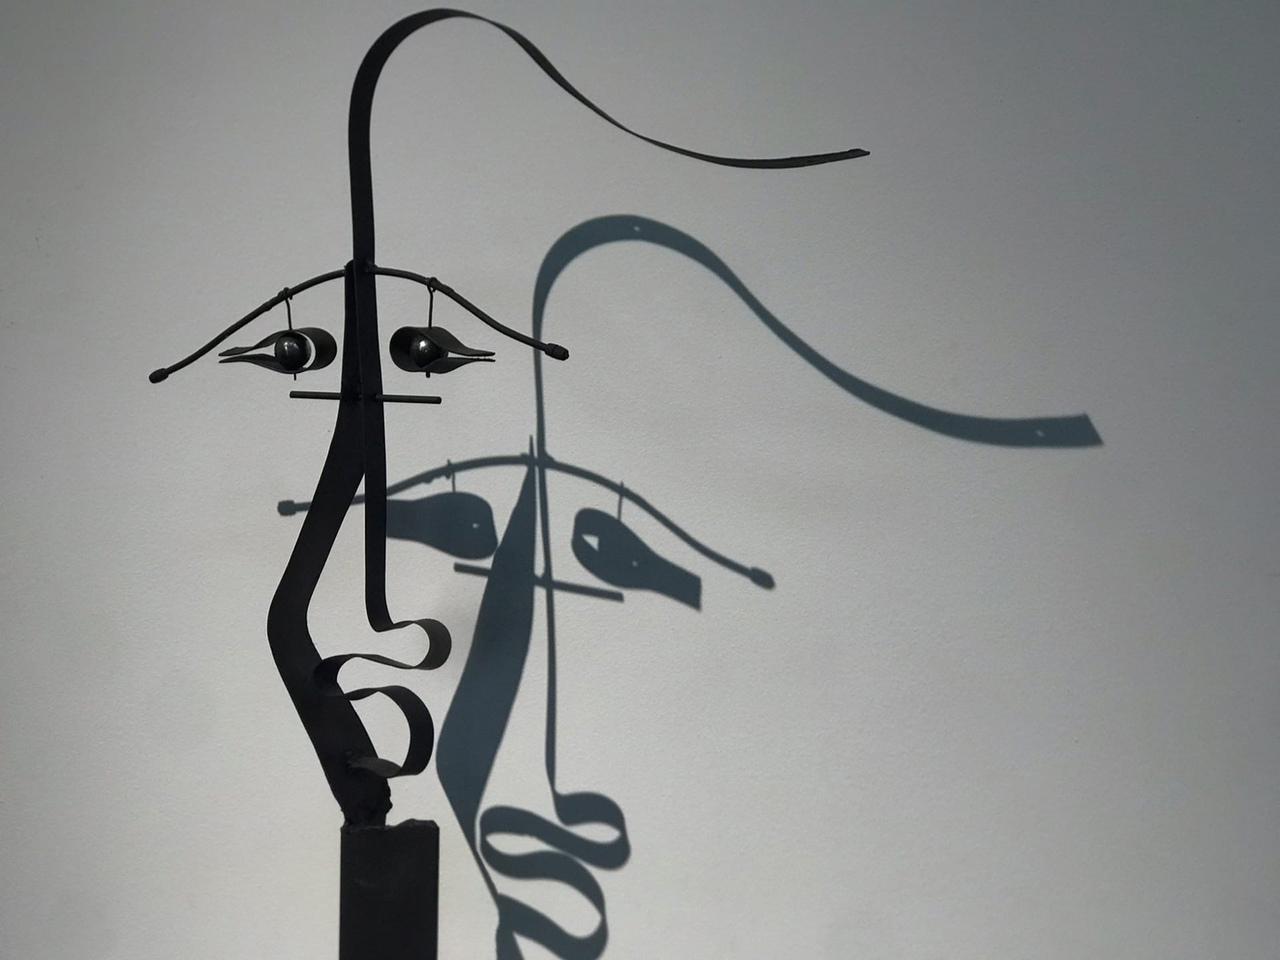 выставка Александра Гордина «Мифы, иллюзии, арт-объекты»